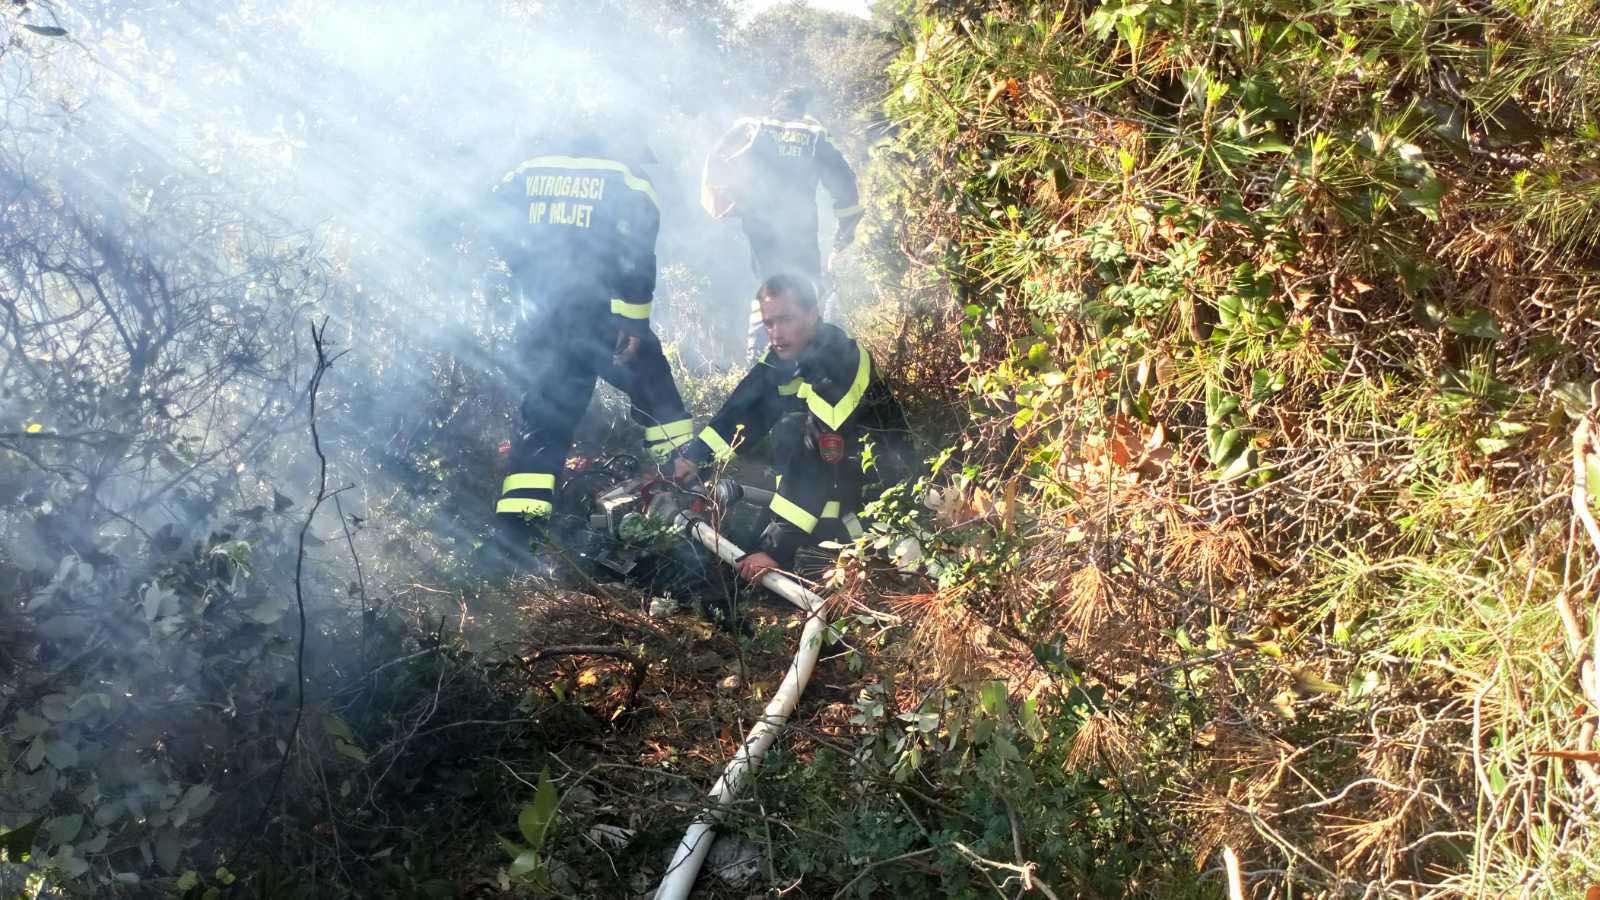 Vatrogasna vježba u NP Mljet